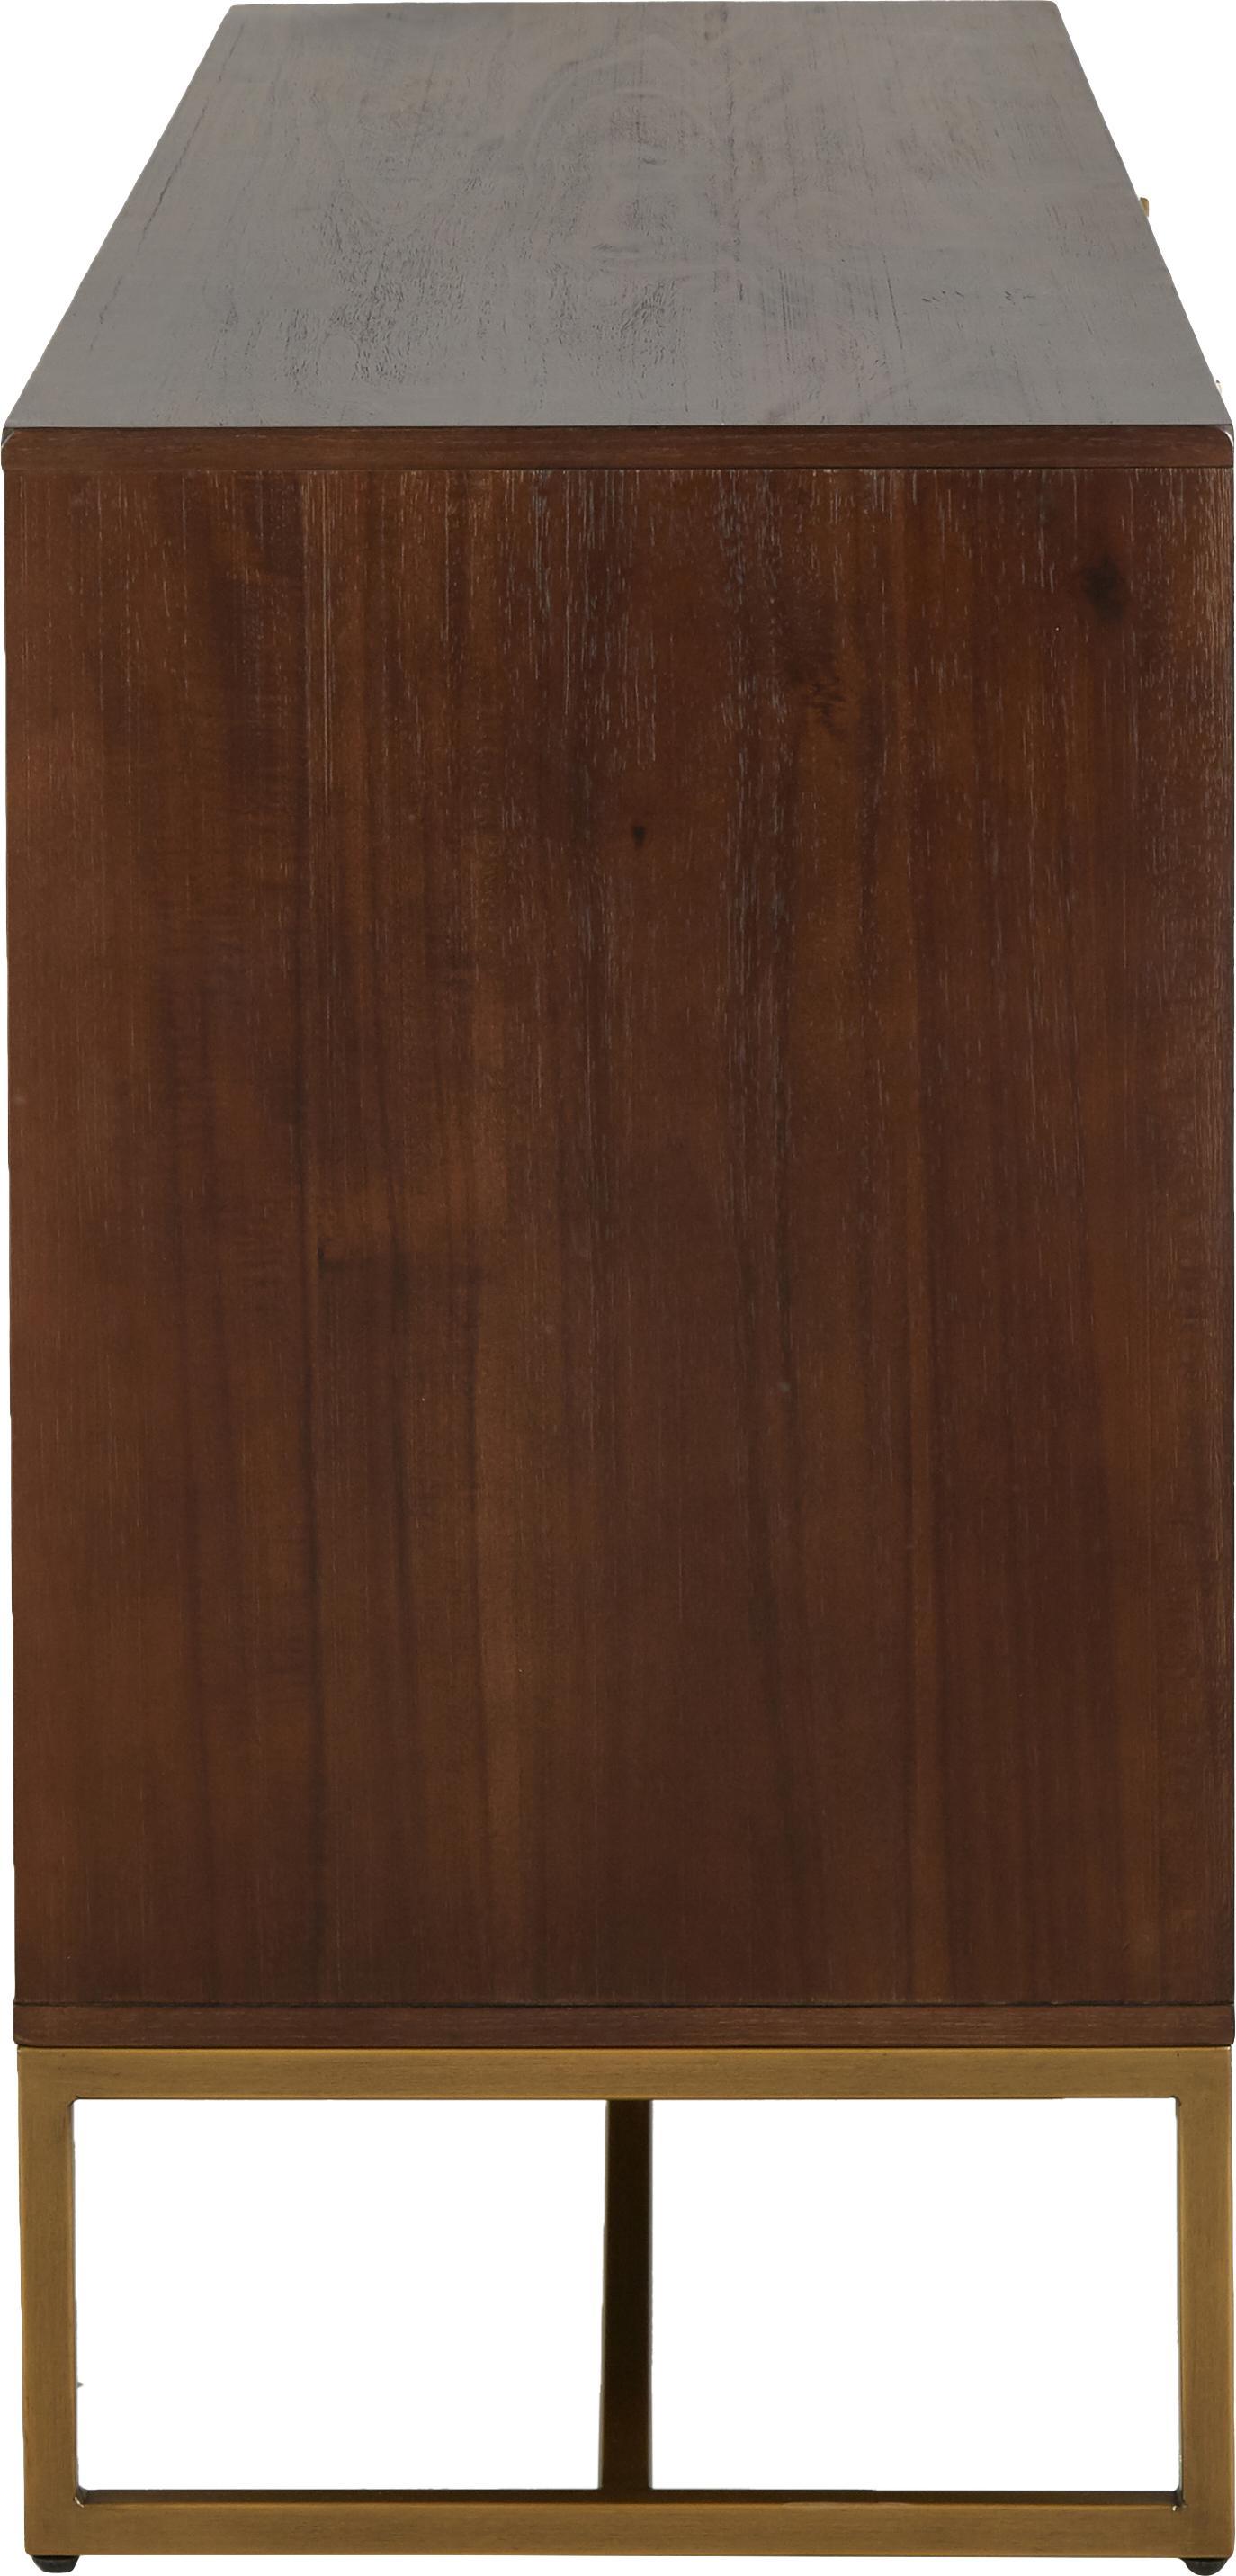 Aparador en acacia Class, Estructura: tablero de fibra de densi, Acacia, latón, An 180 x Al 80 cm